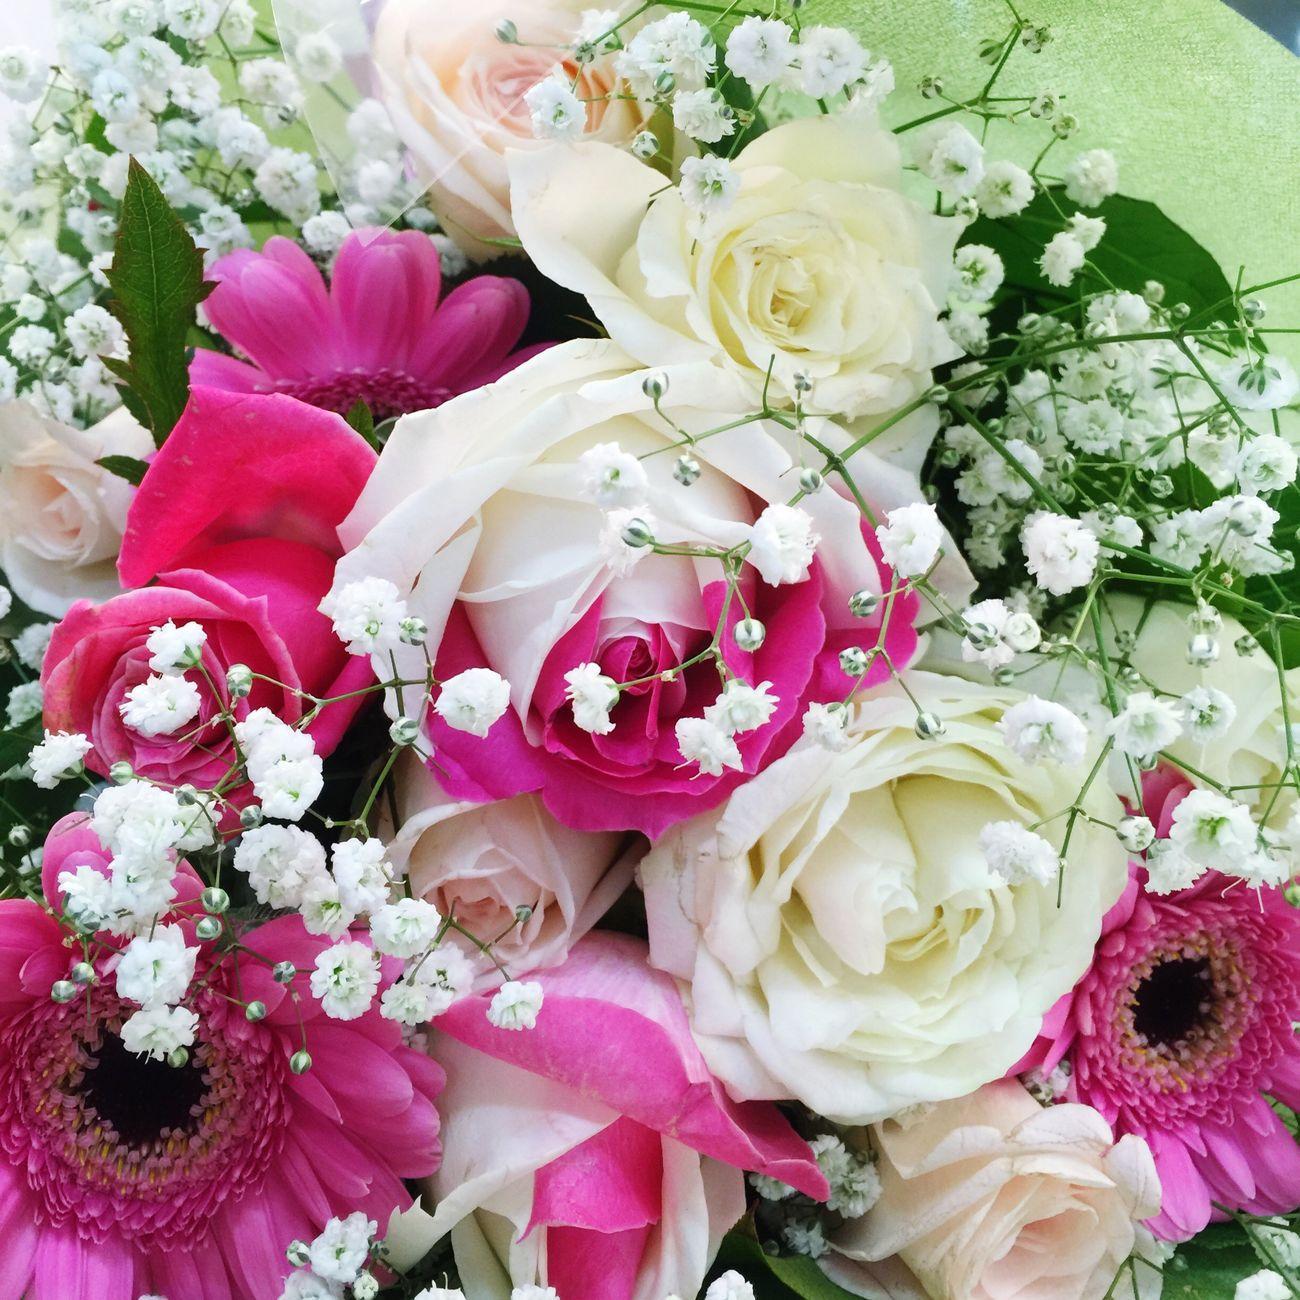 発表会 花束 Japan シャンソン発表会 ほっとする Rosé Flower White Pink